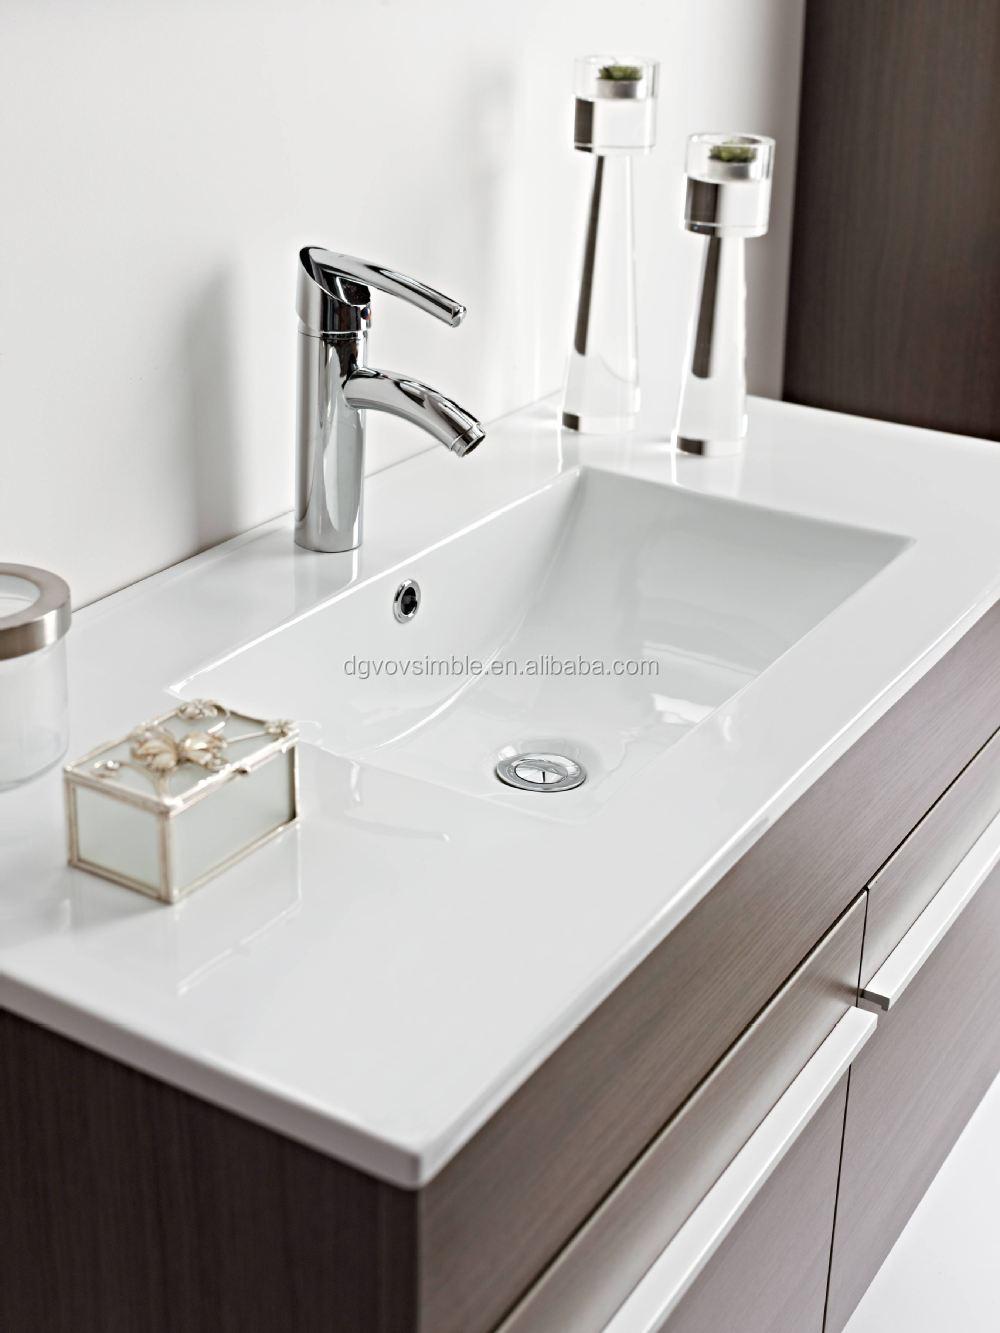 conomique mur accroch m lamine meubles de salle de bains salle de bains cabinet salle de. Black Bedroom Furniture Sets. Home Design Ideas